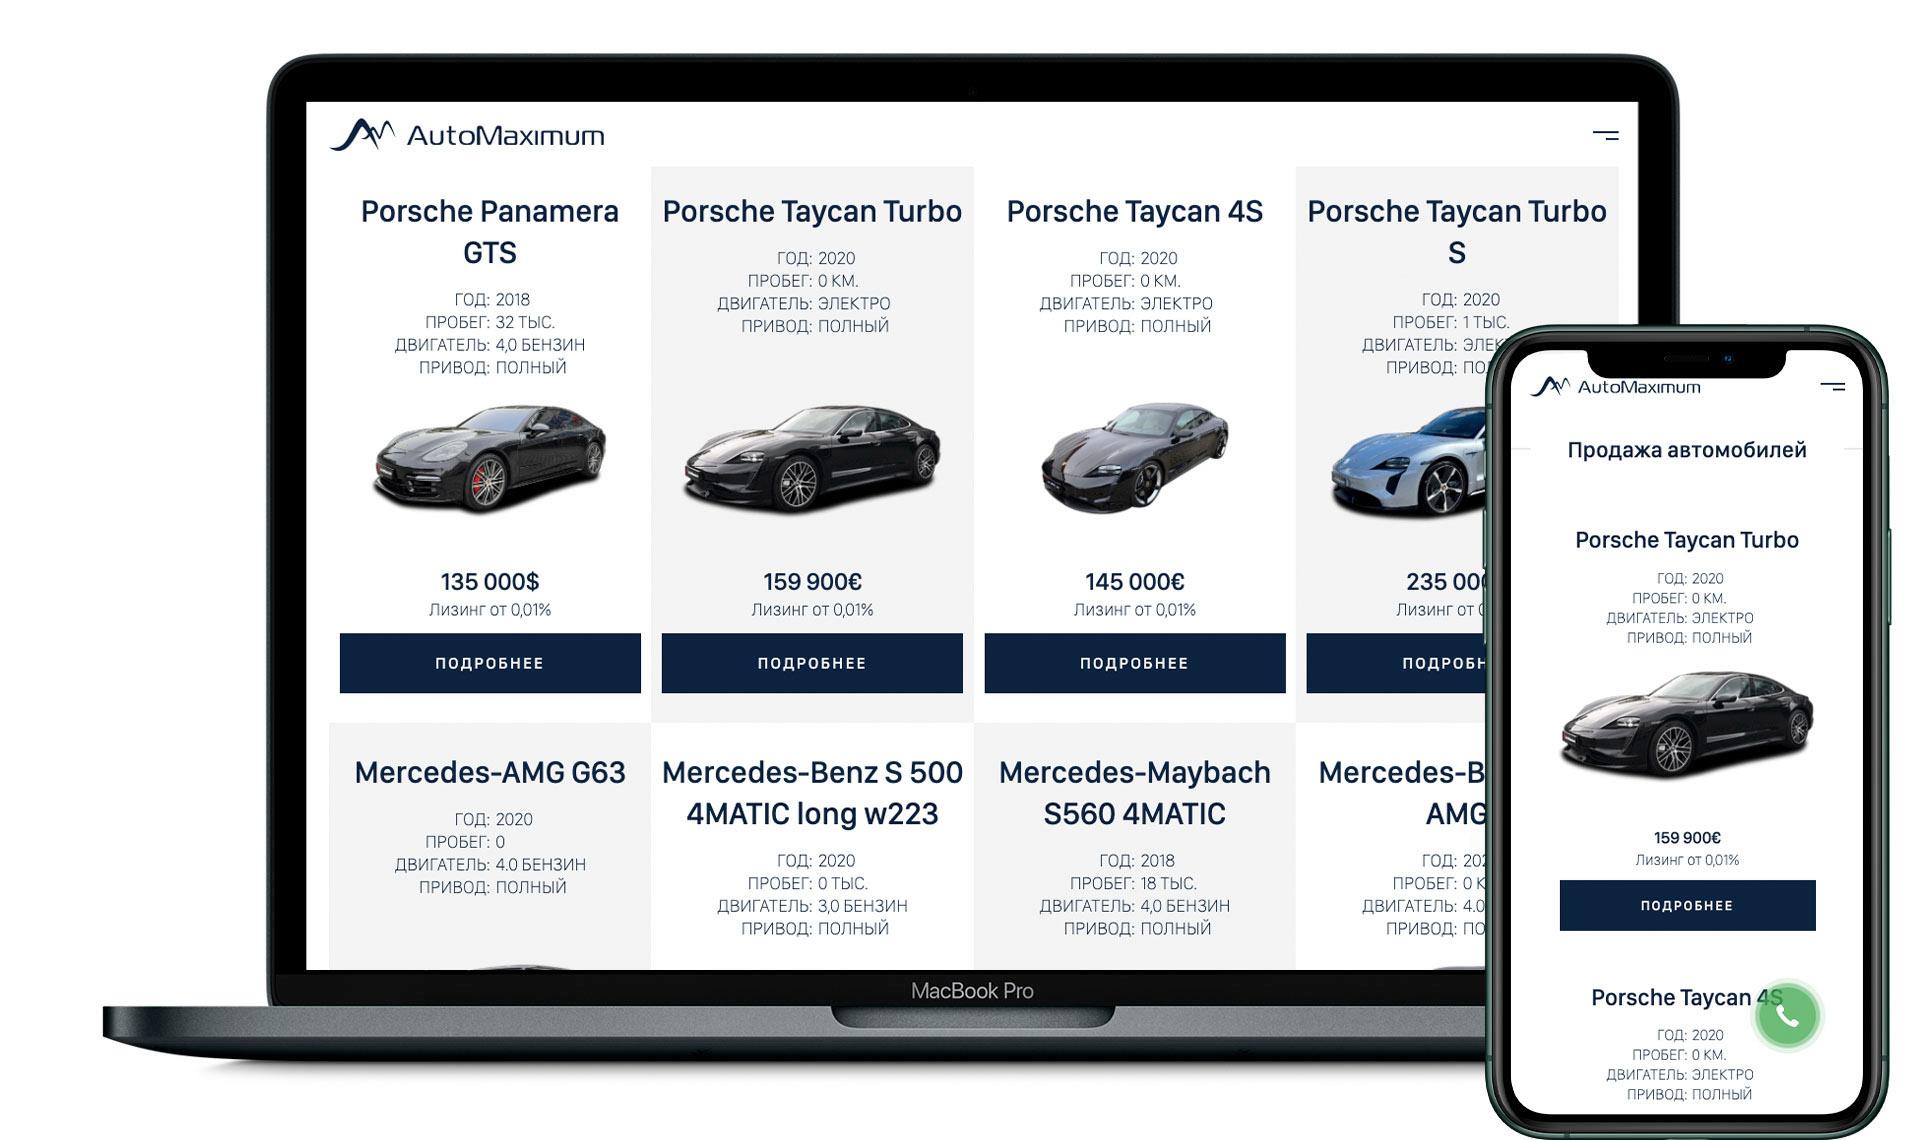 Разработка сайта для AutoMaximum